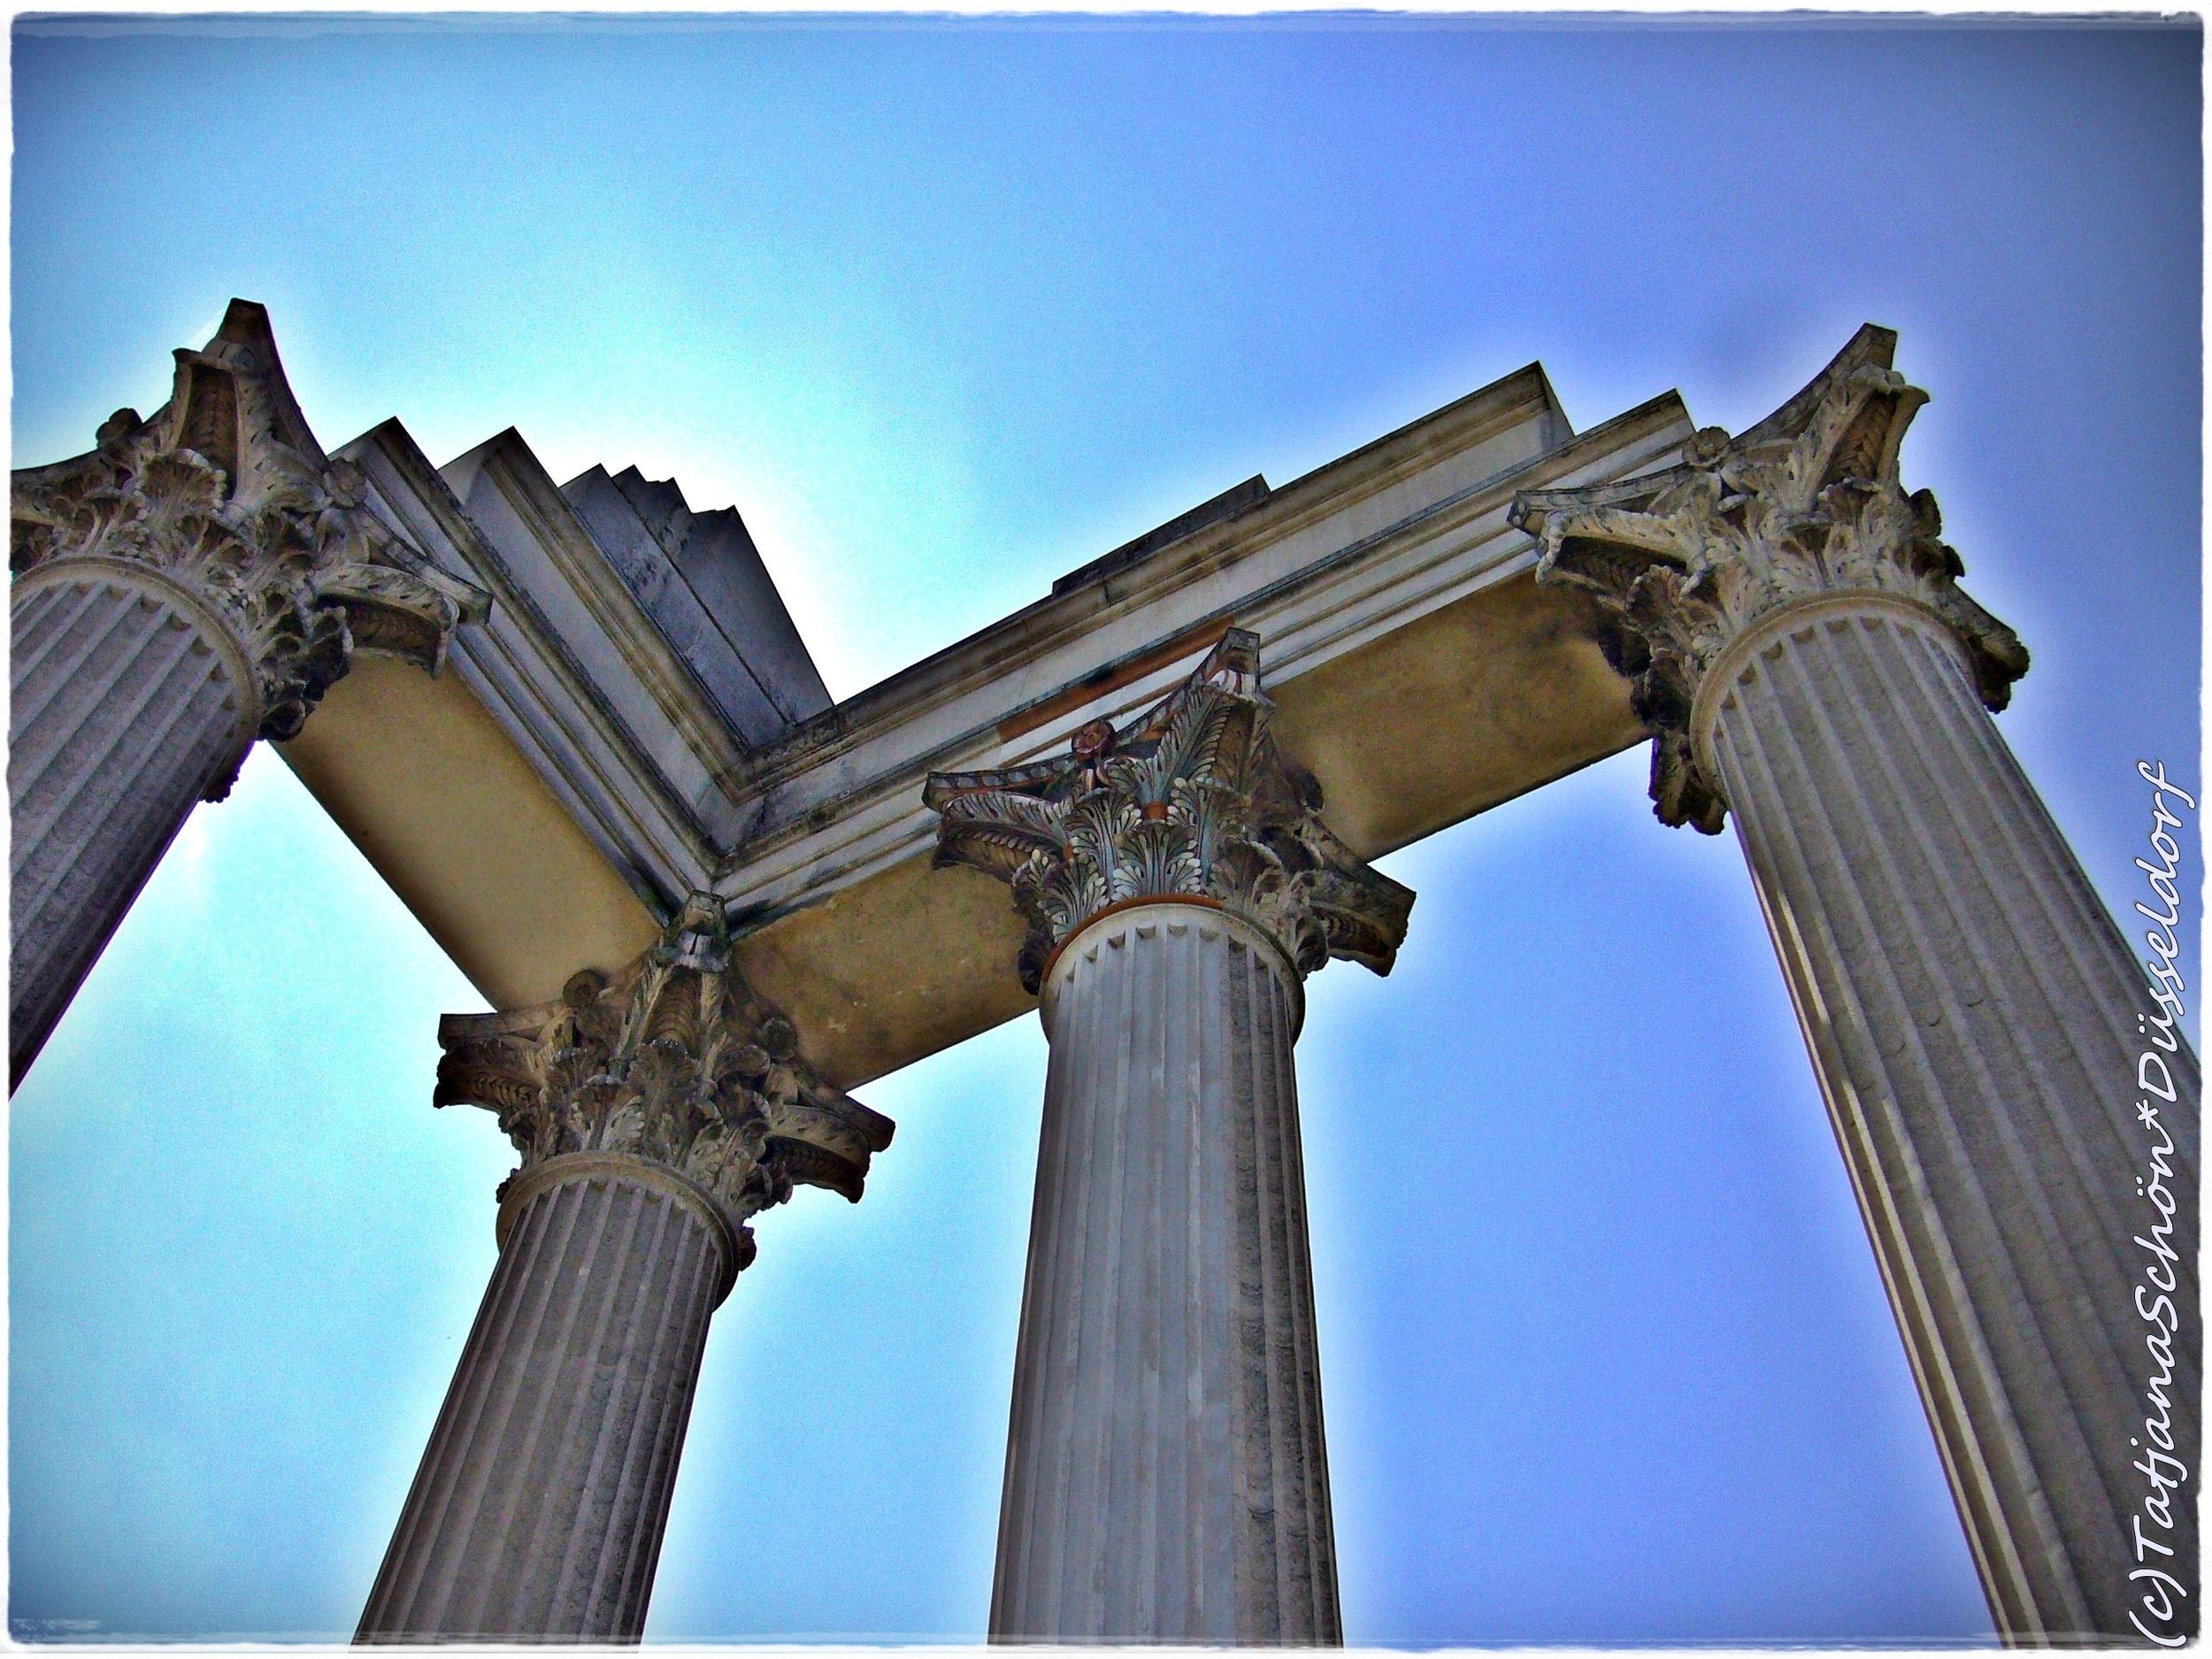 Античный Ксантен. Археологический парк. Рекомендация инсайдера, автор: Татьяна*Schön